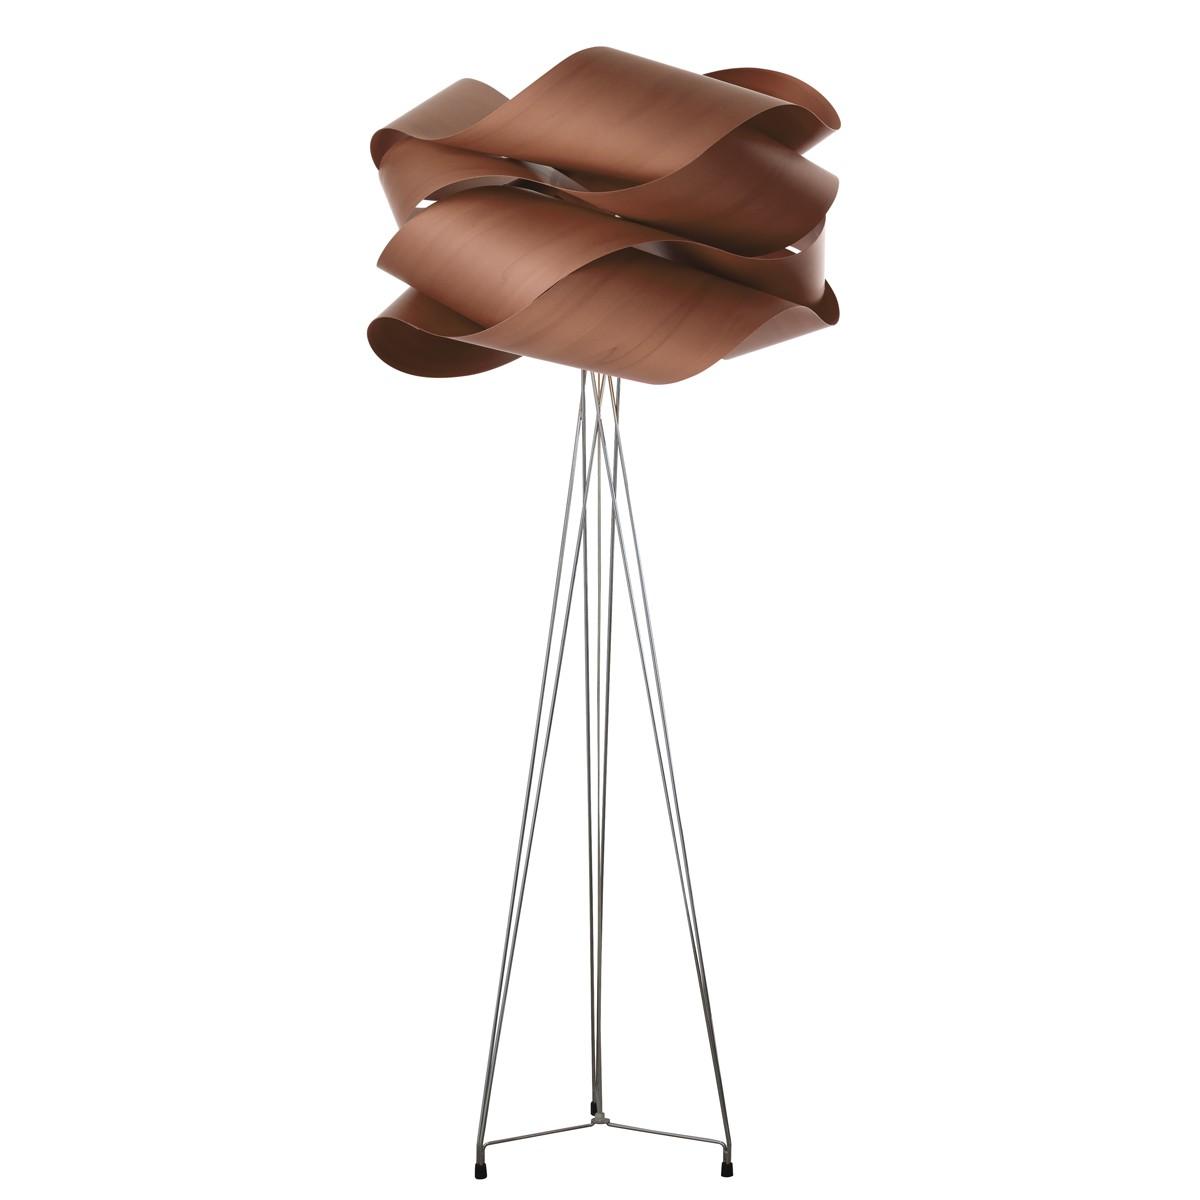 LZF Lamps Link Stehleuchte, Schirm: schokolade